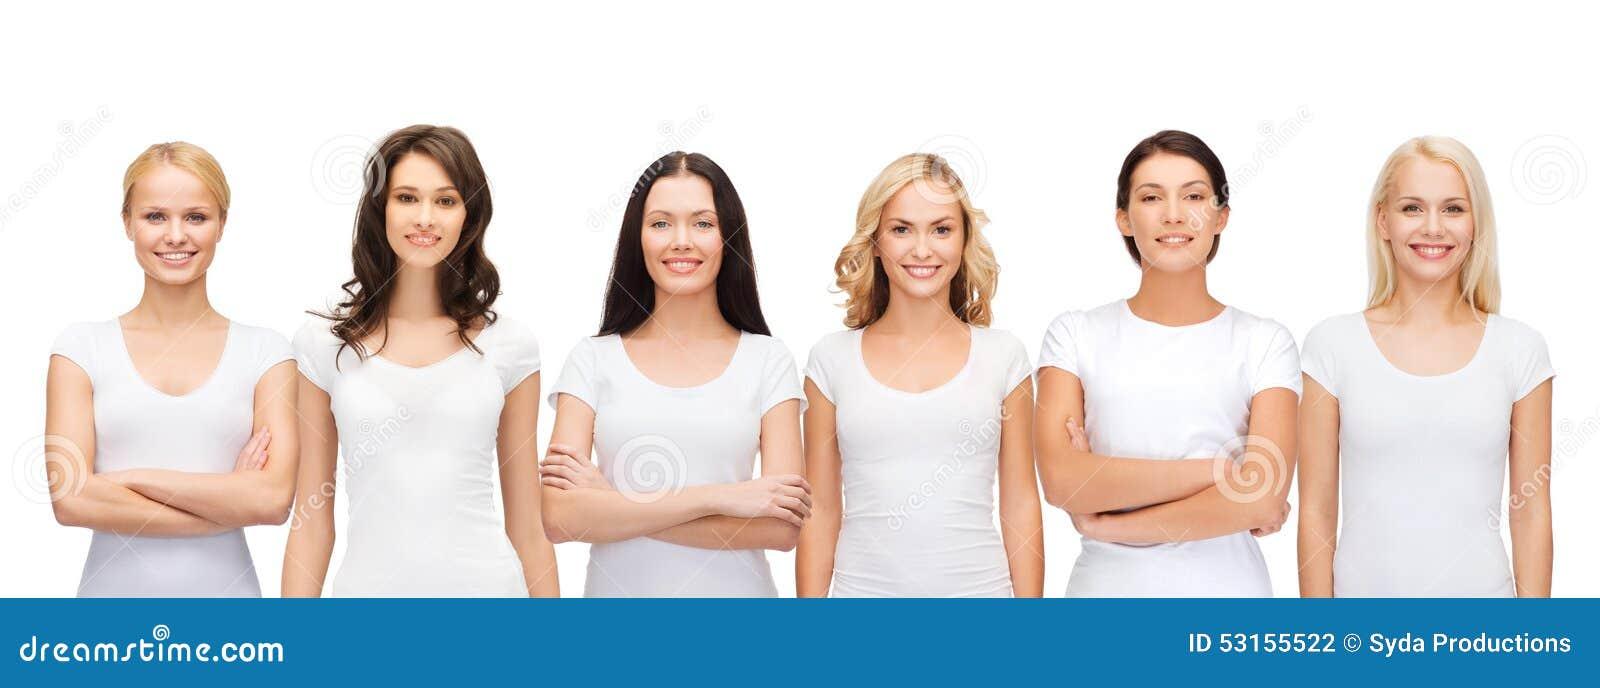 Gruppo di donne sorridenti in magliette bianche in bianco